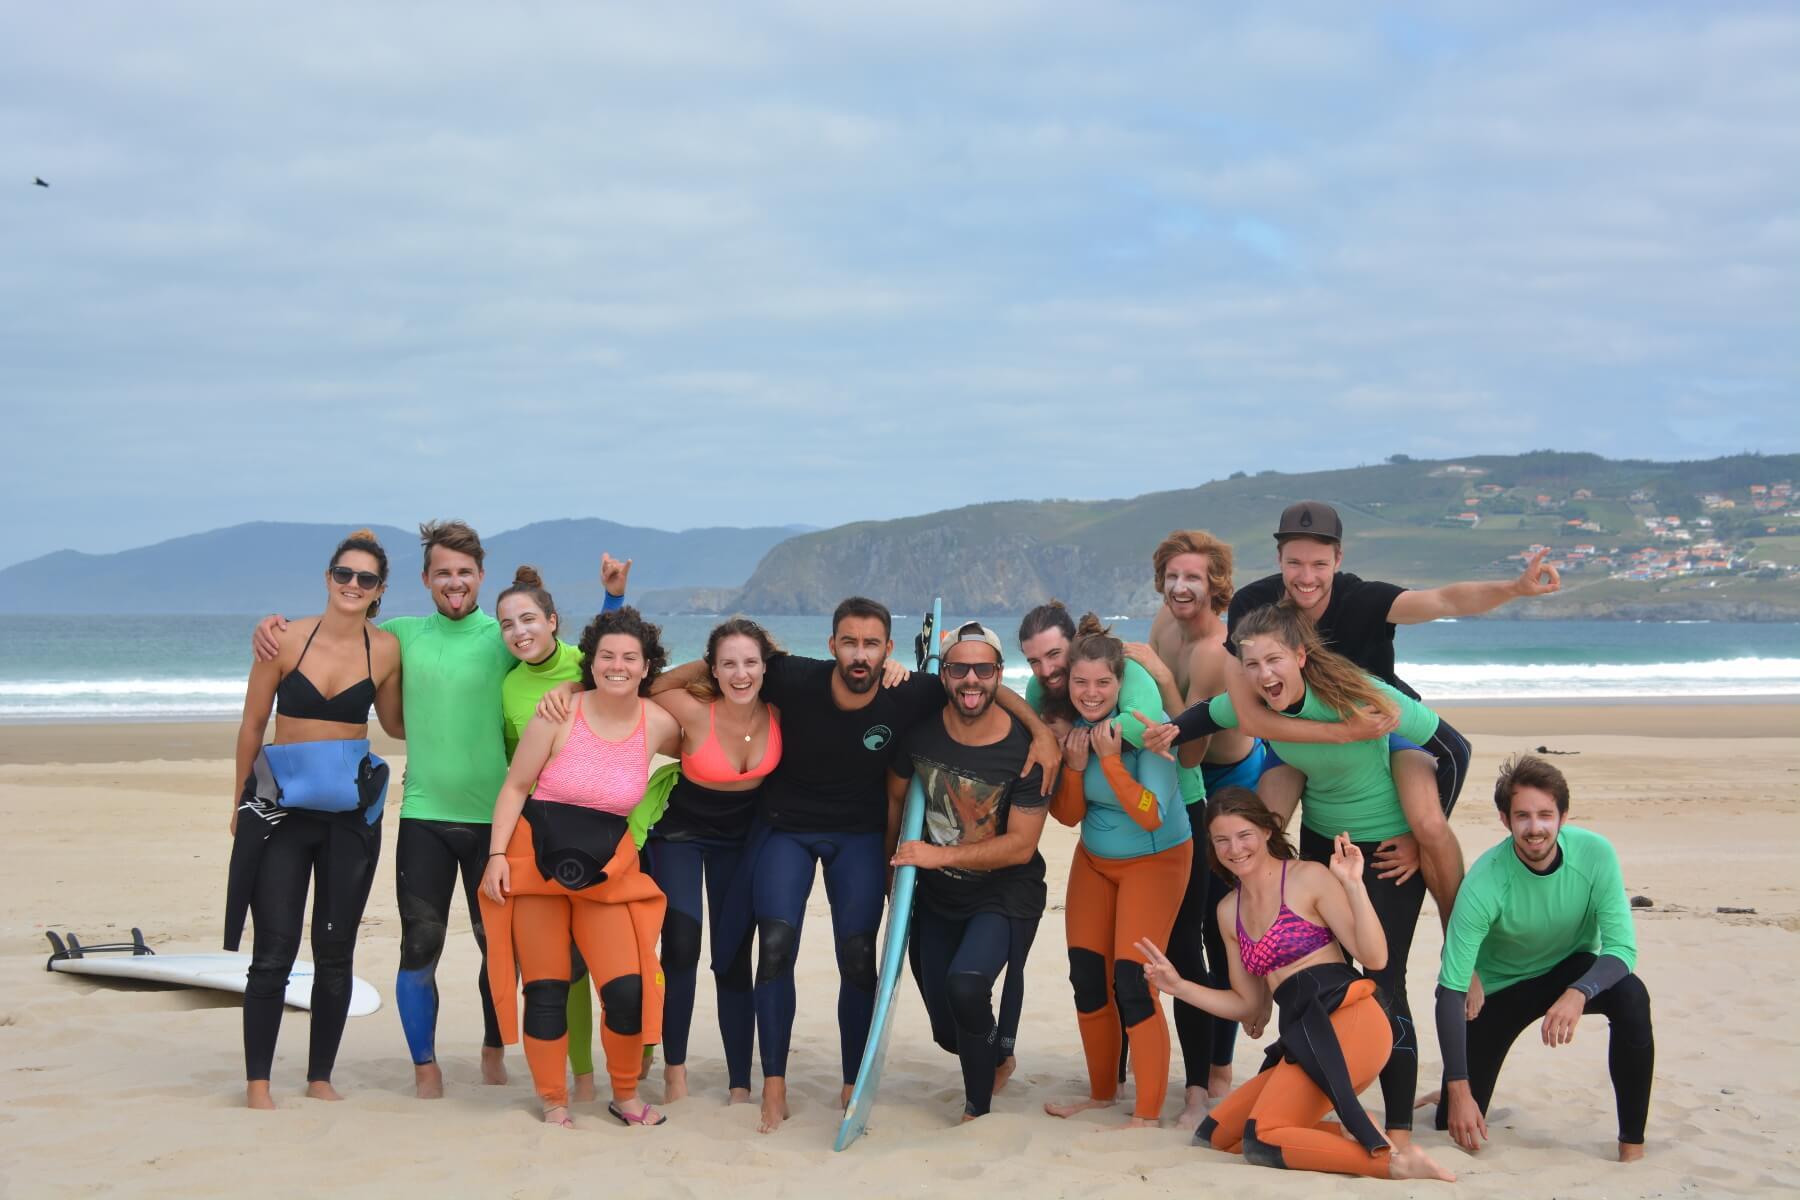 Surfcamp Nordes Surfhouse in Ferrol, Galicia, Spain